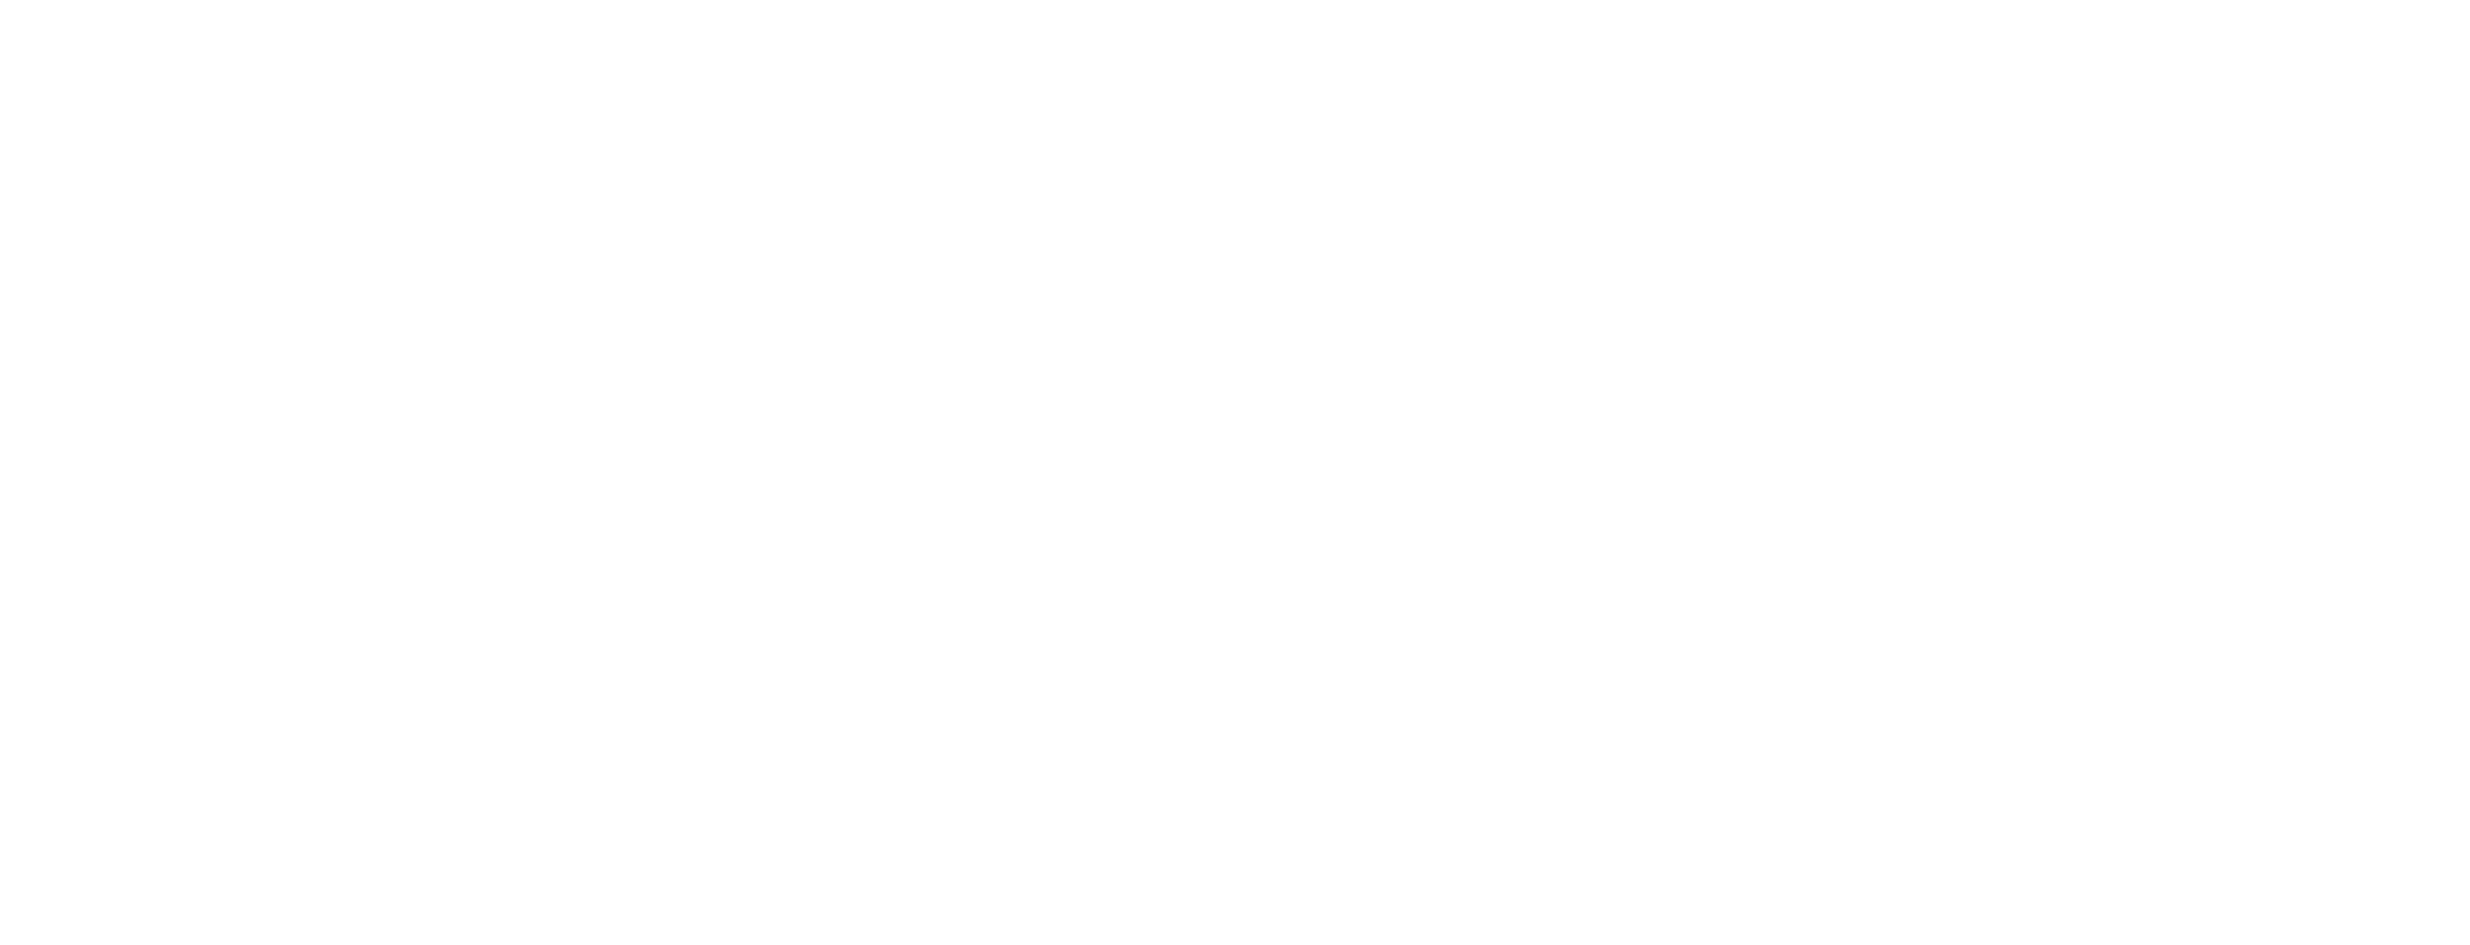 abta - Abta PNG